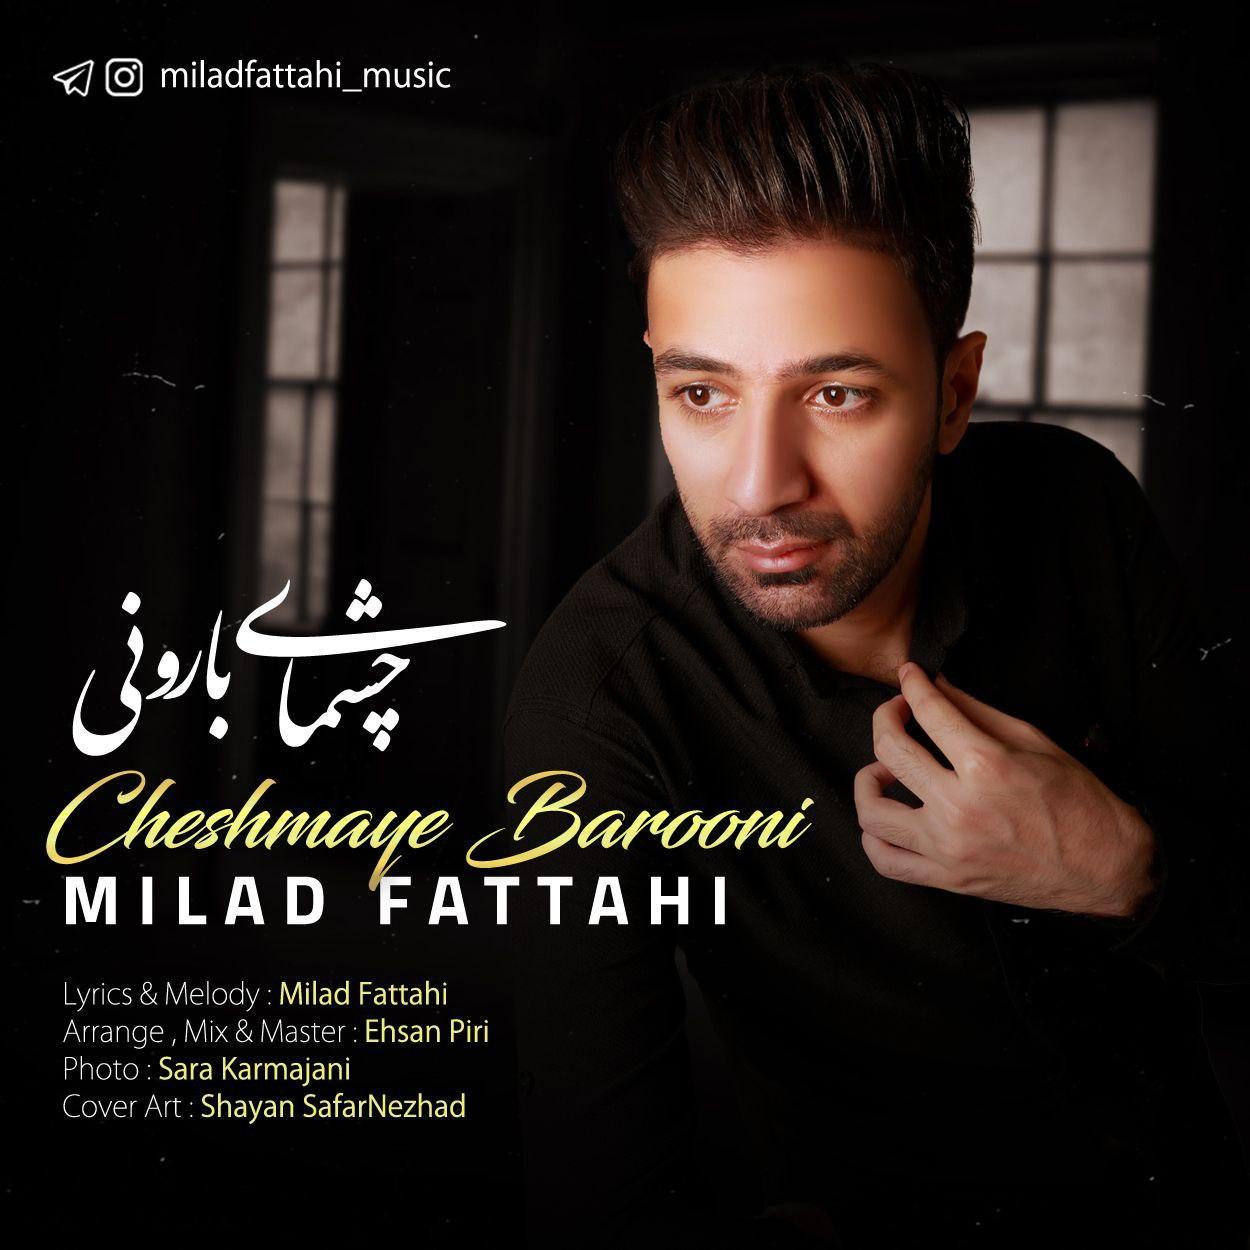 Milad Fattahi – Cheshmaye Barooni